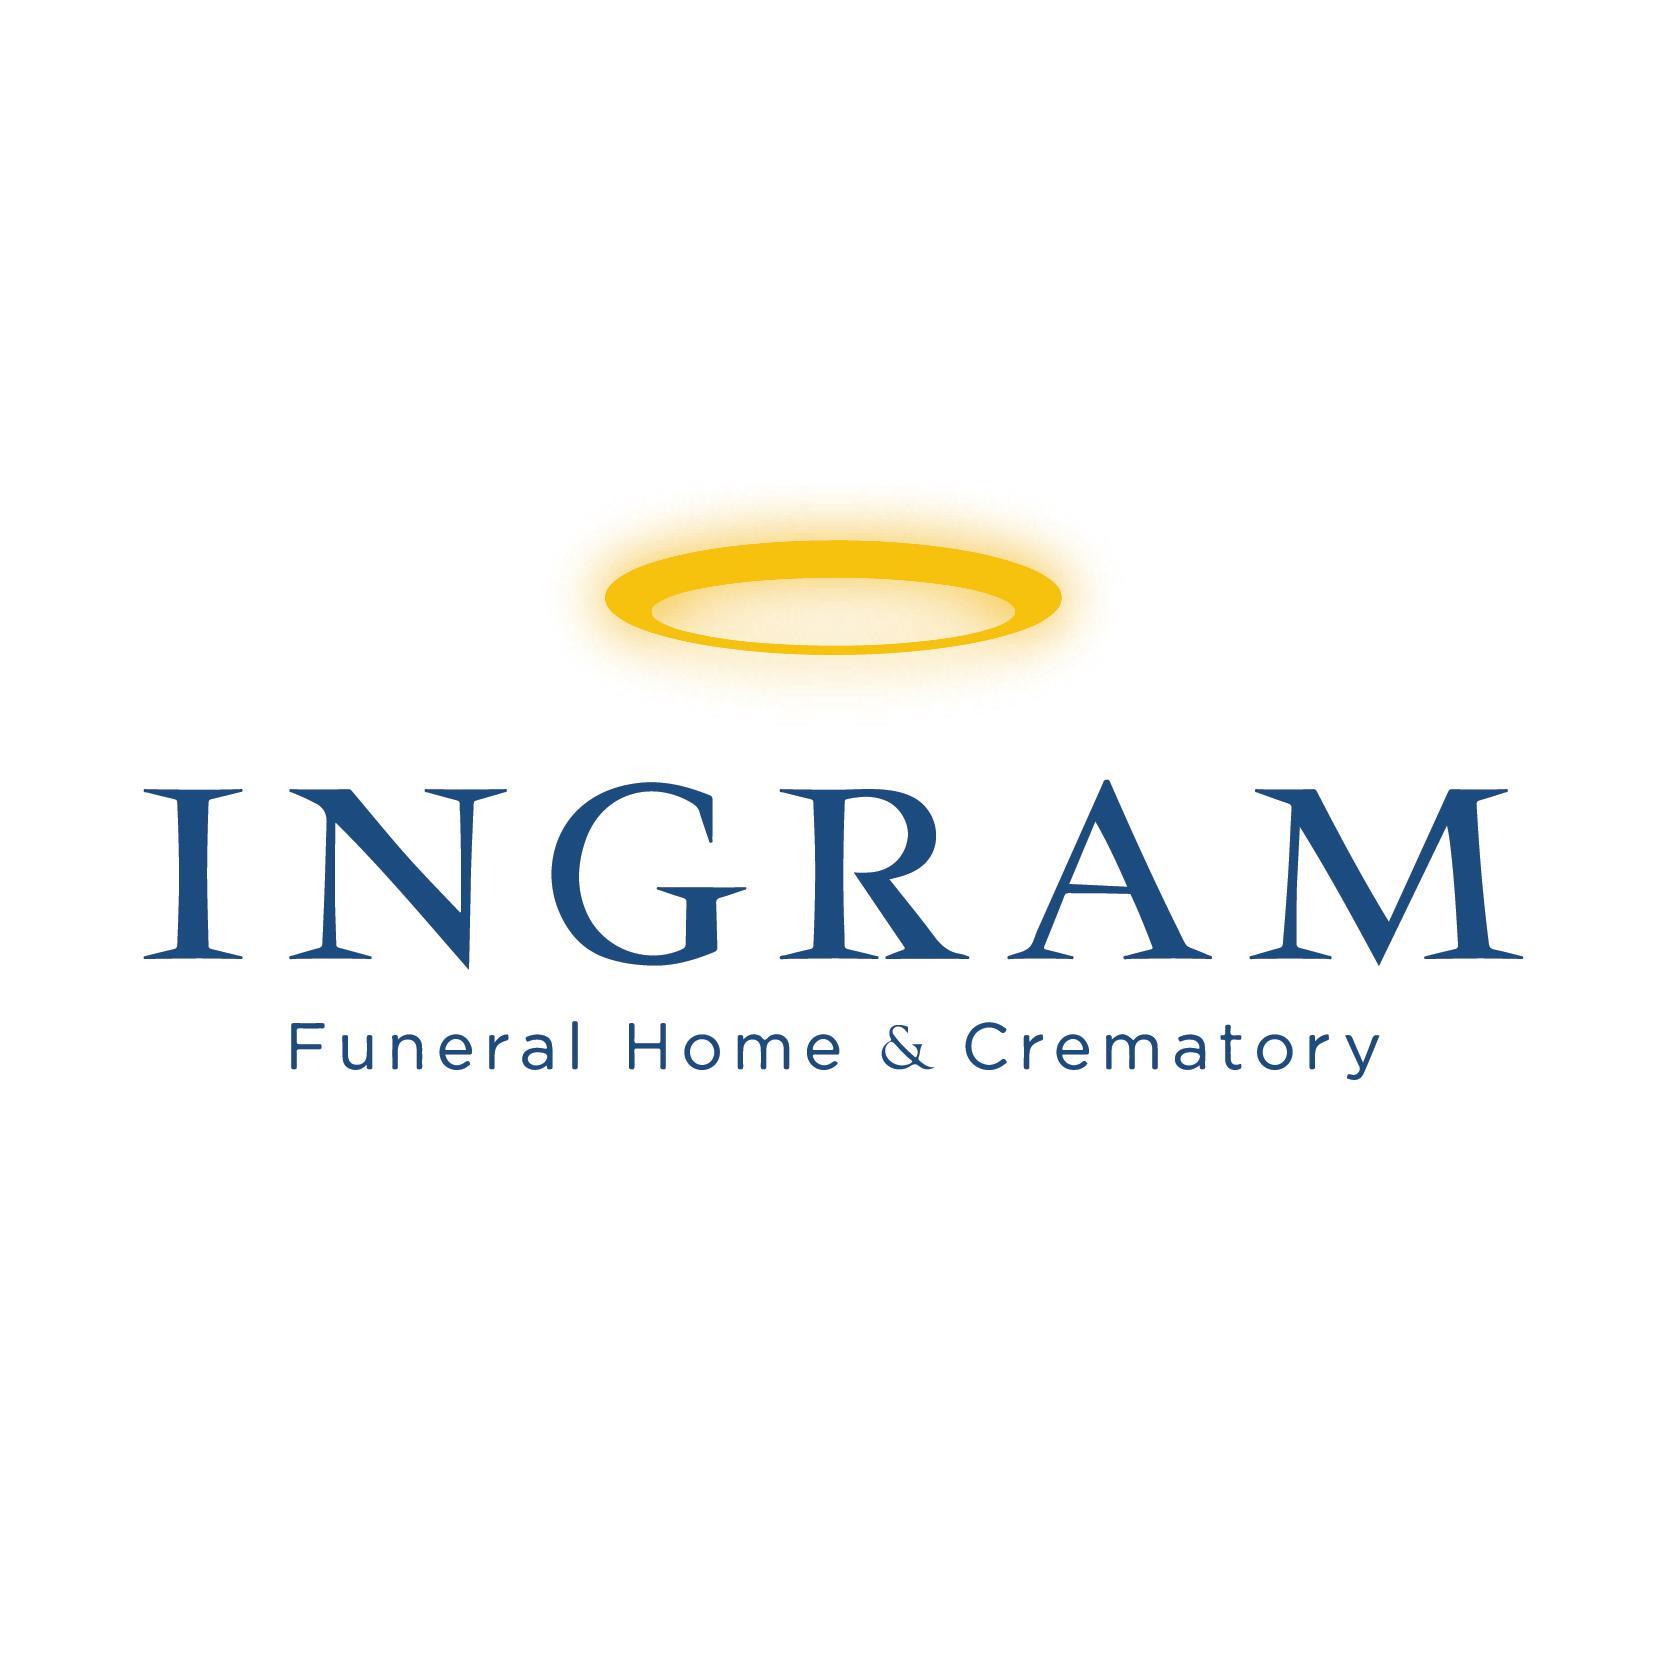 Ingram Funeral Home & Crematory